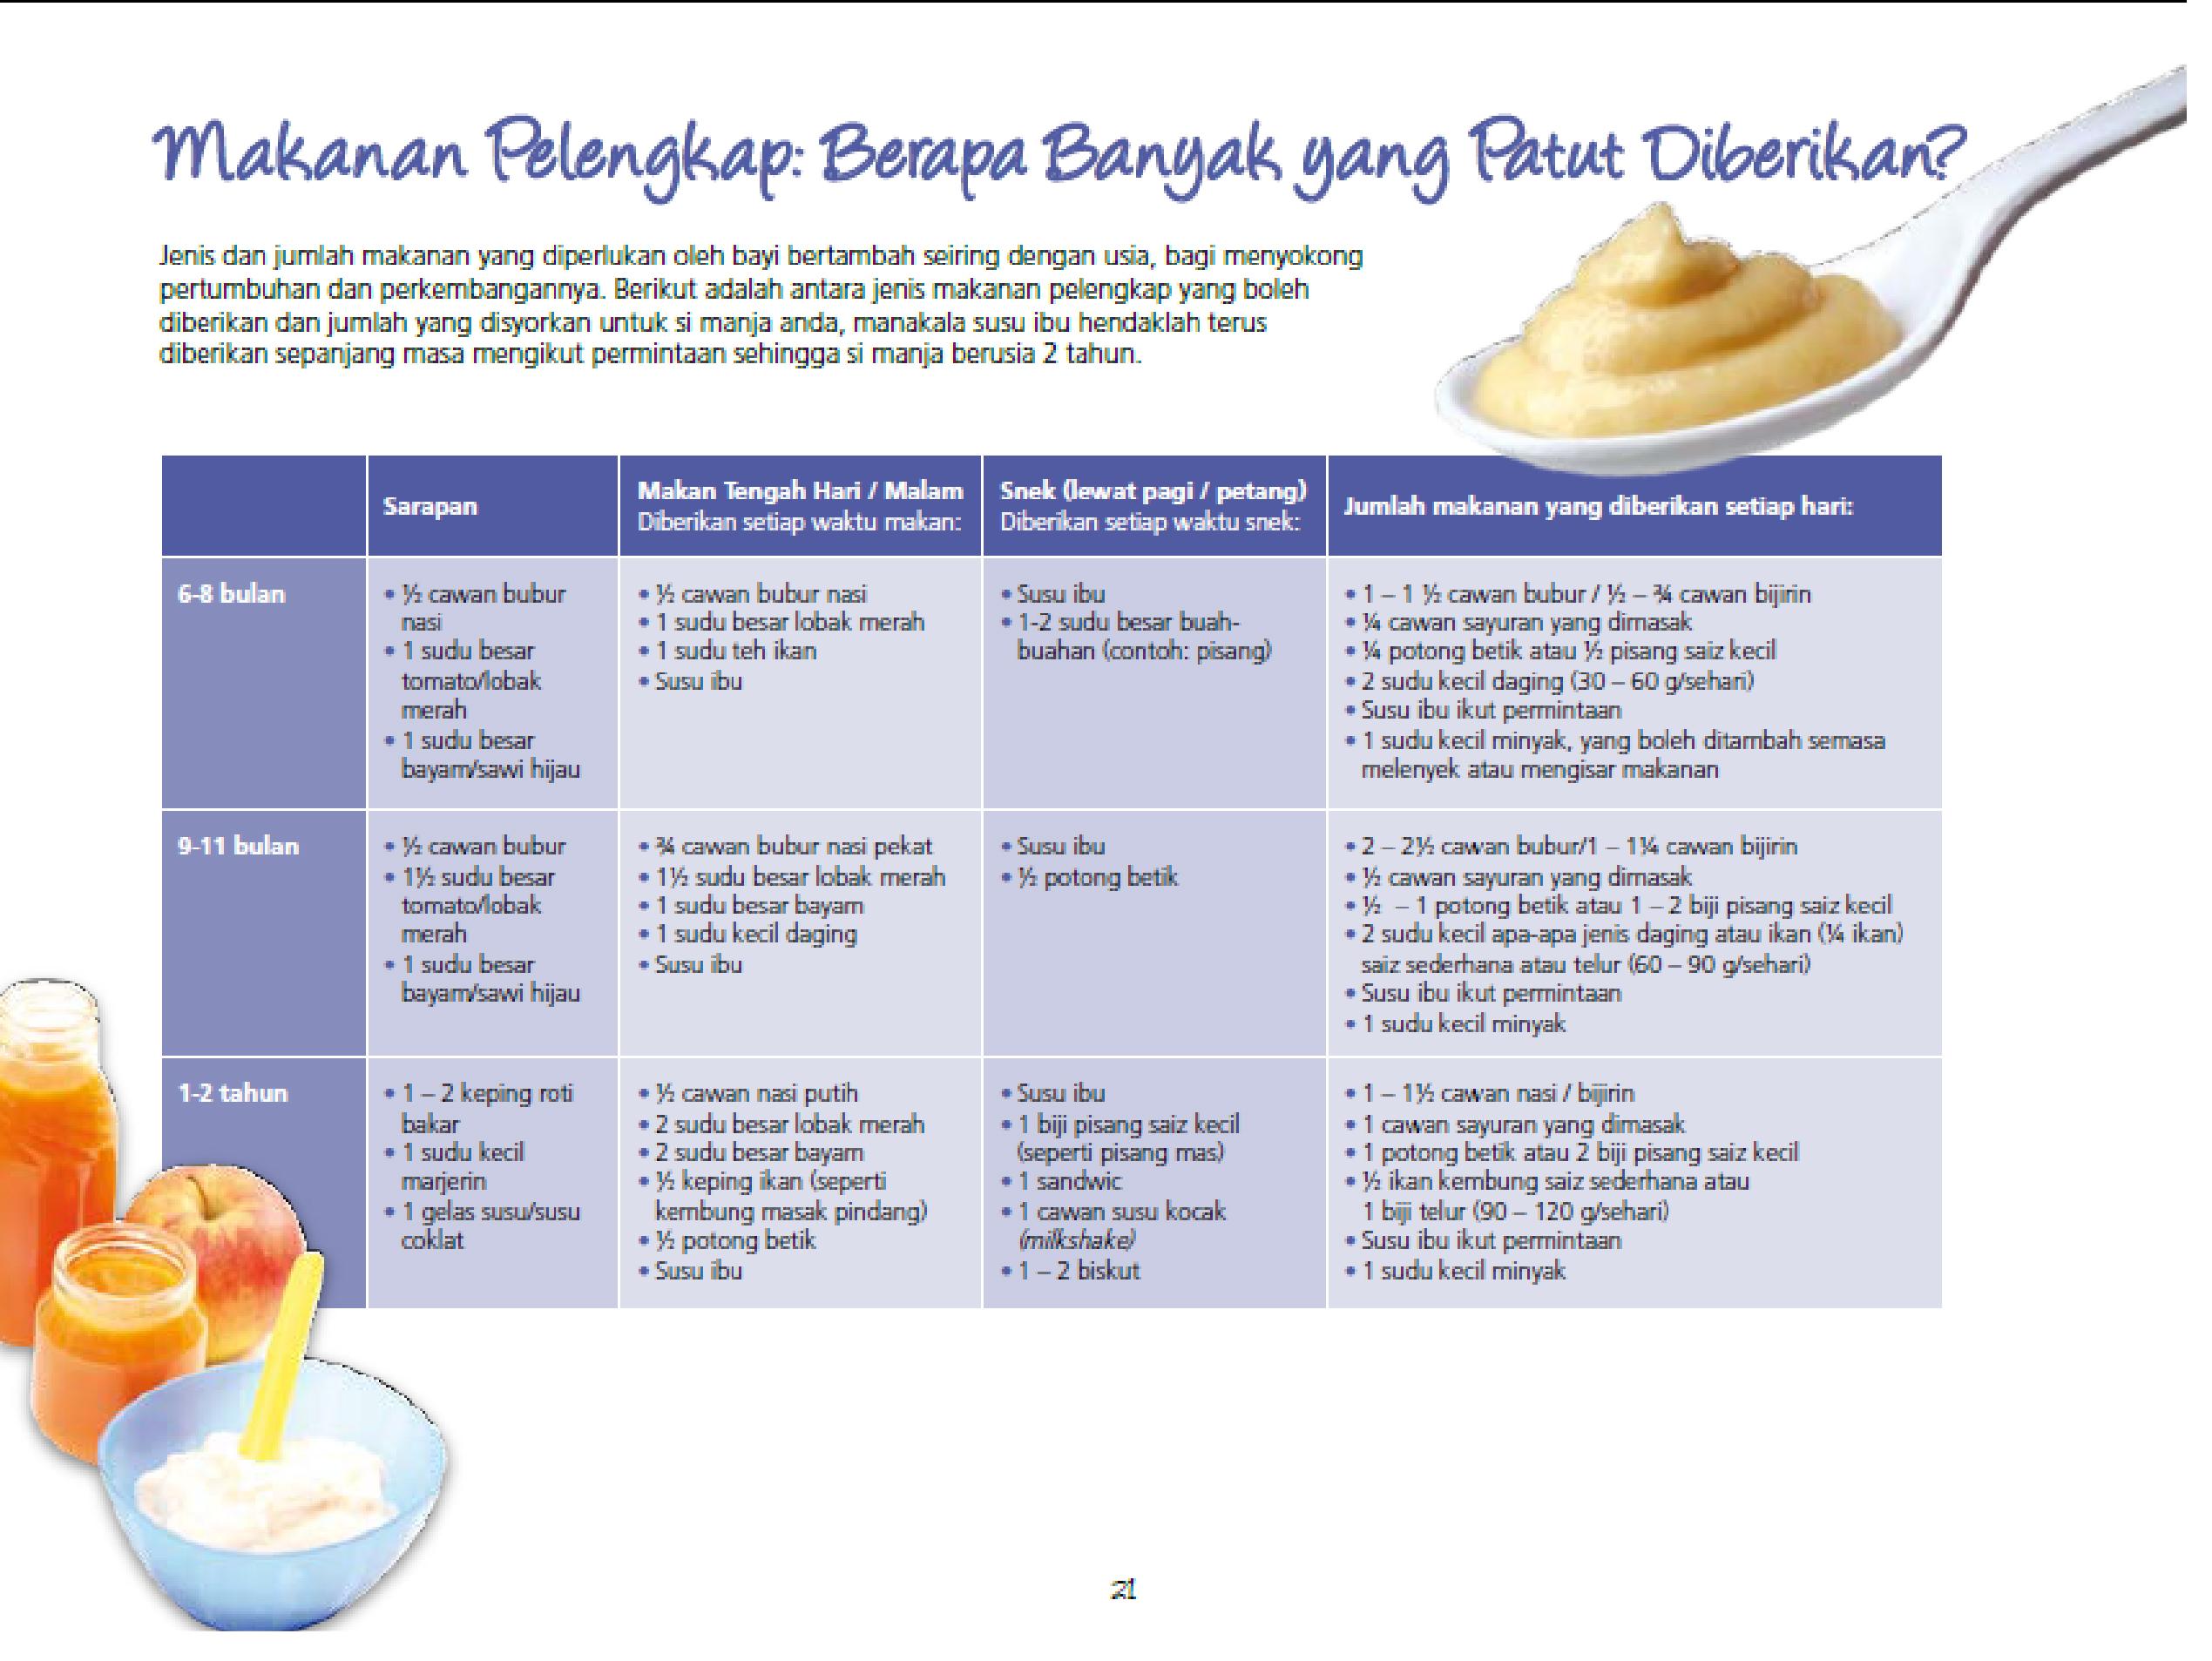 makanan pelengkap bayi 1